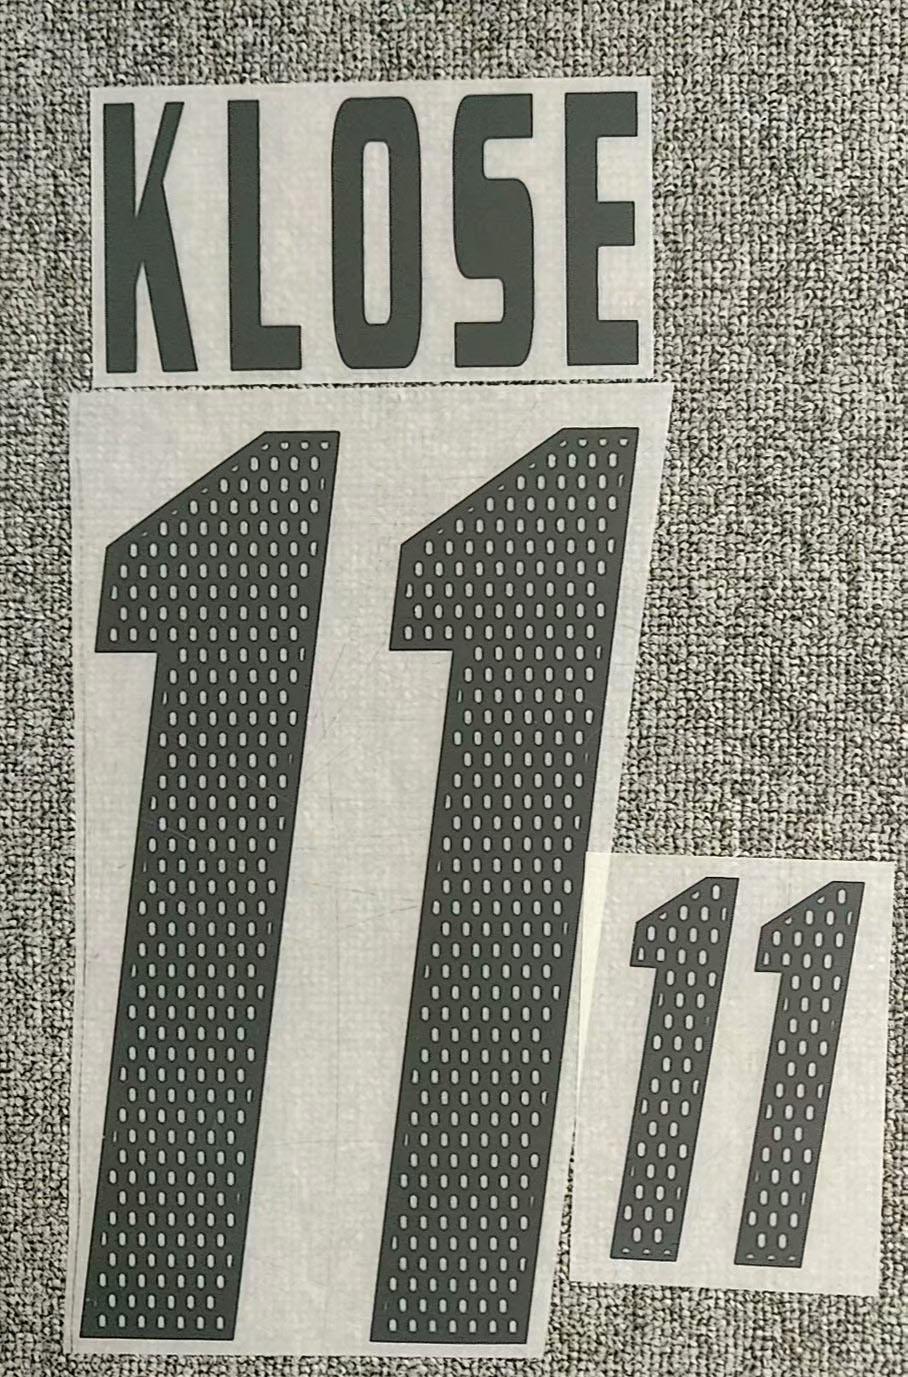 Retro 2002 #11 Klose Nameset Impresión de insignia de transferencia de hierro